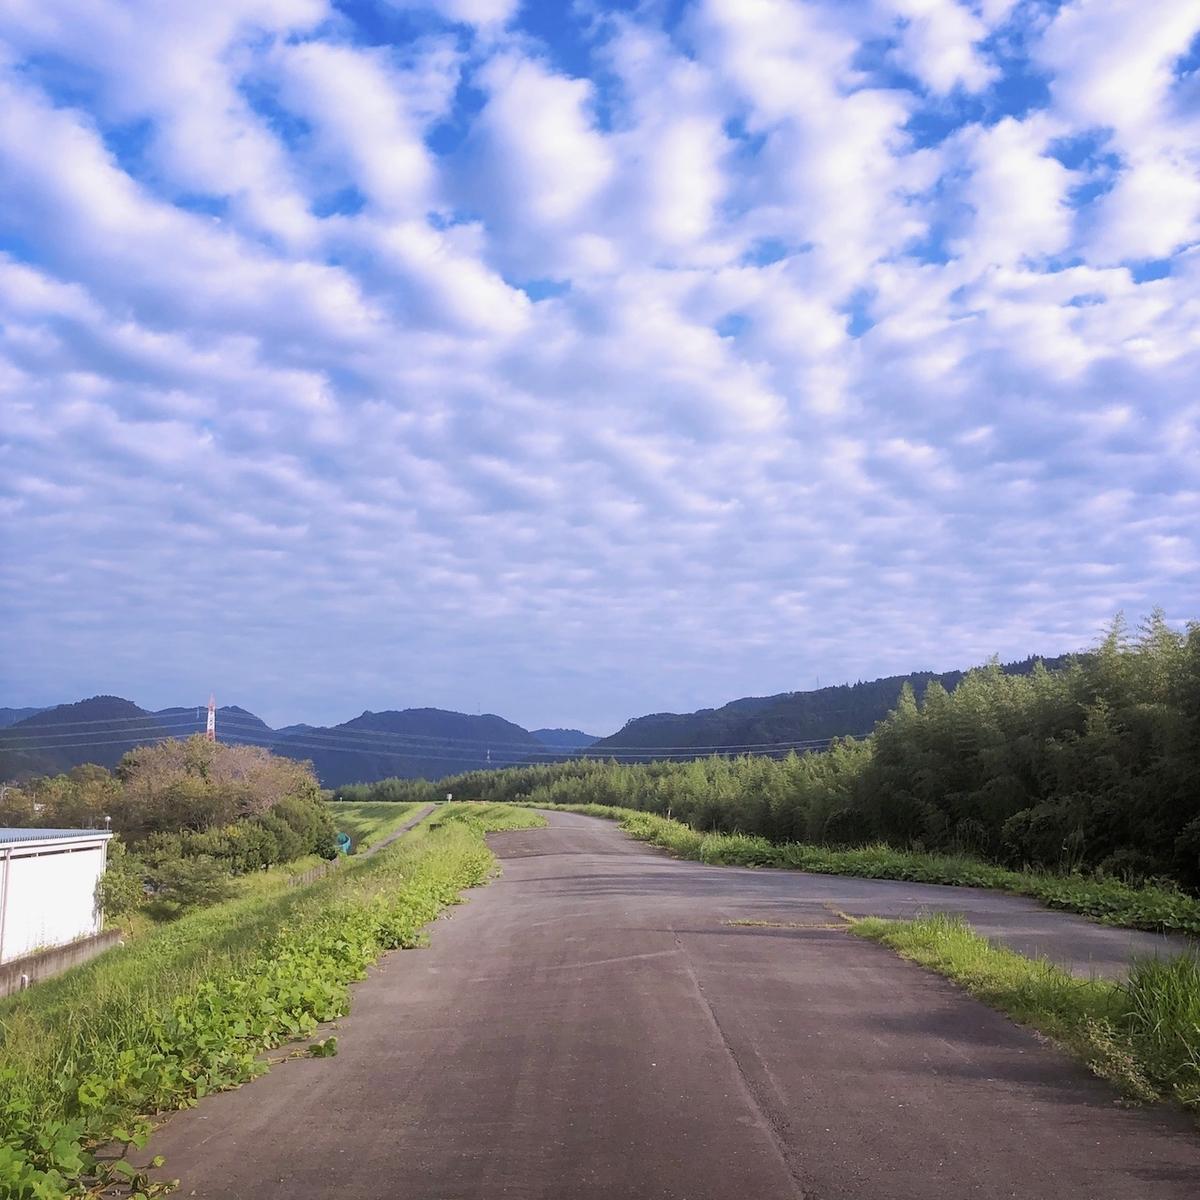 f:id:mick_kamihara:20200922072956j:plain